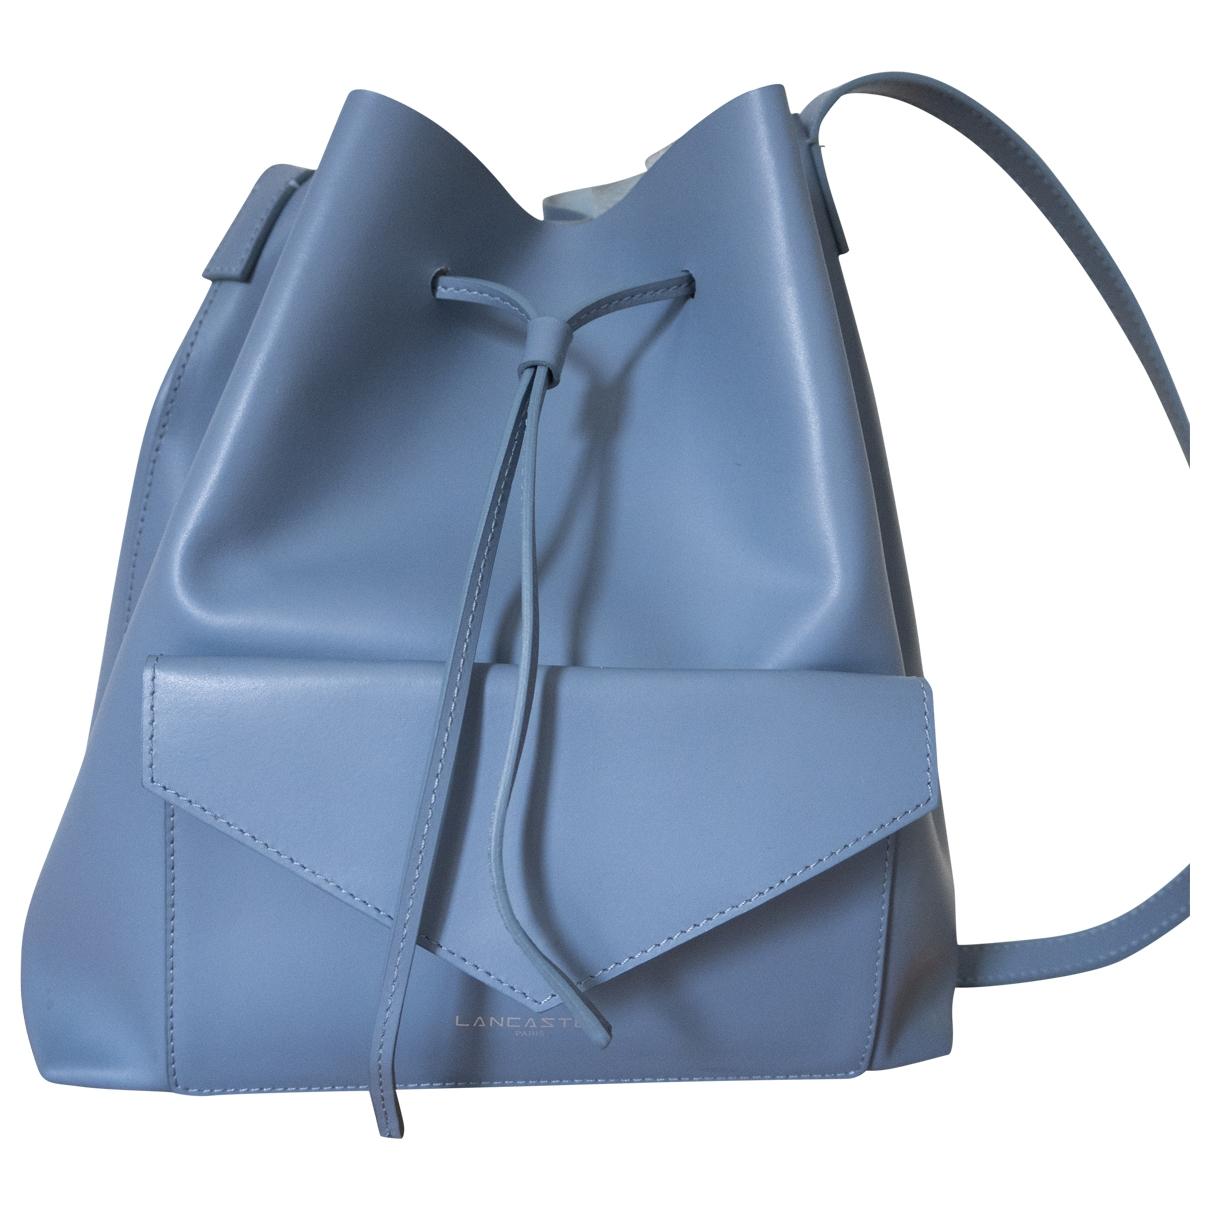 Lancaster \N Handtasche in  Blau Leder